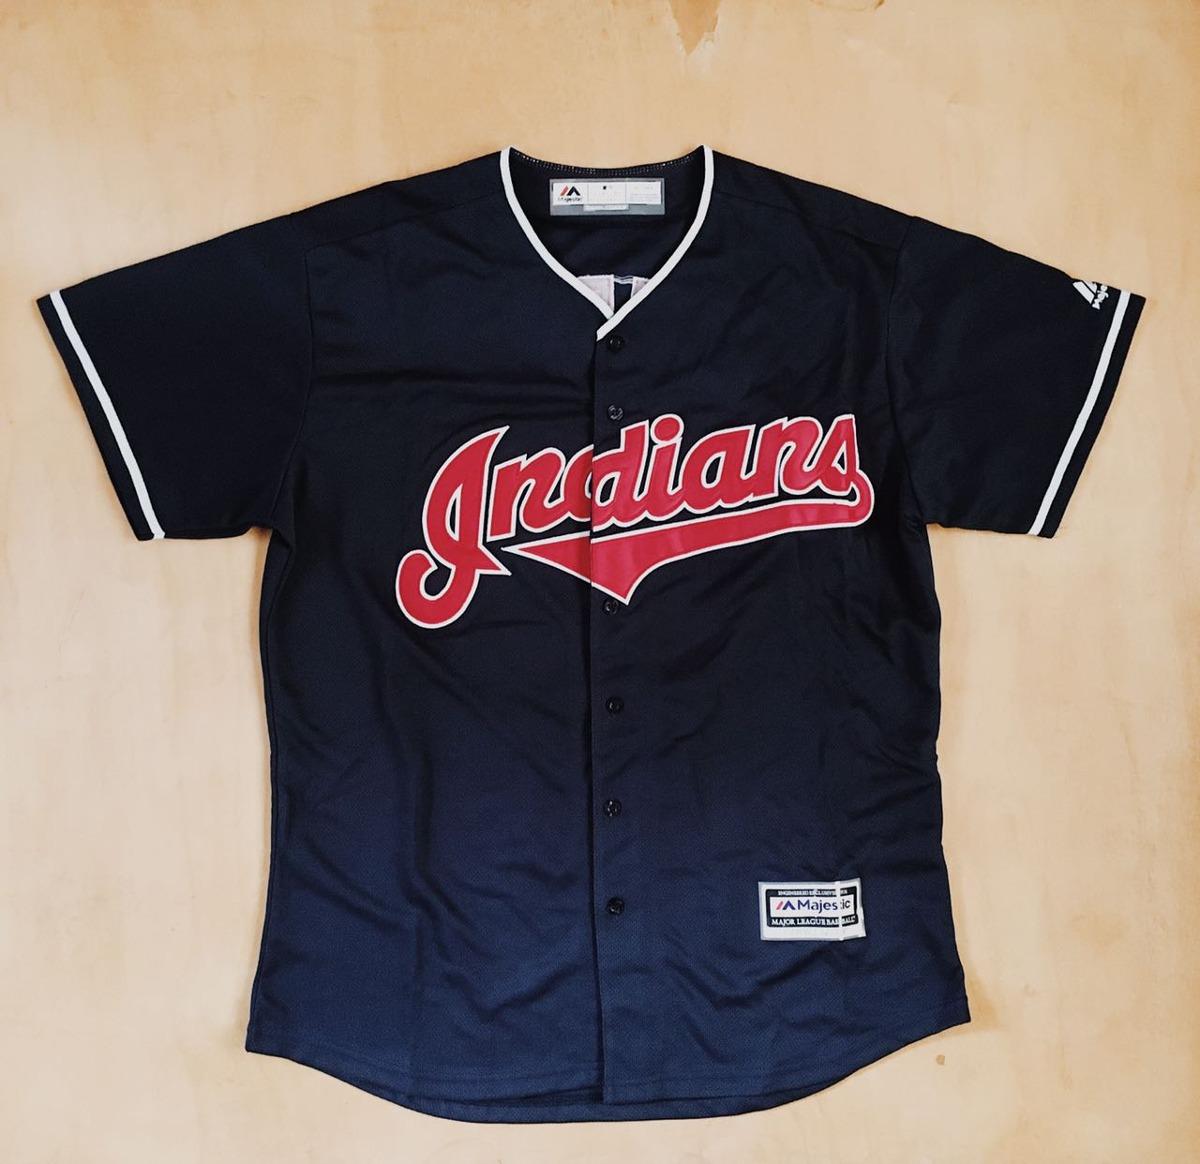 327c49bba6bce camiseta beisbol majestic indians mlb. Cargando zoom.